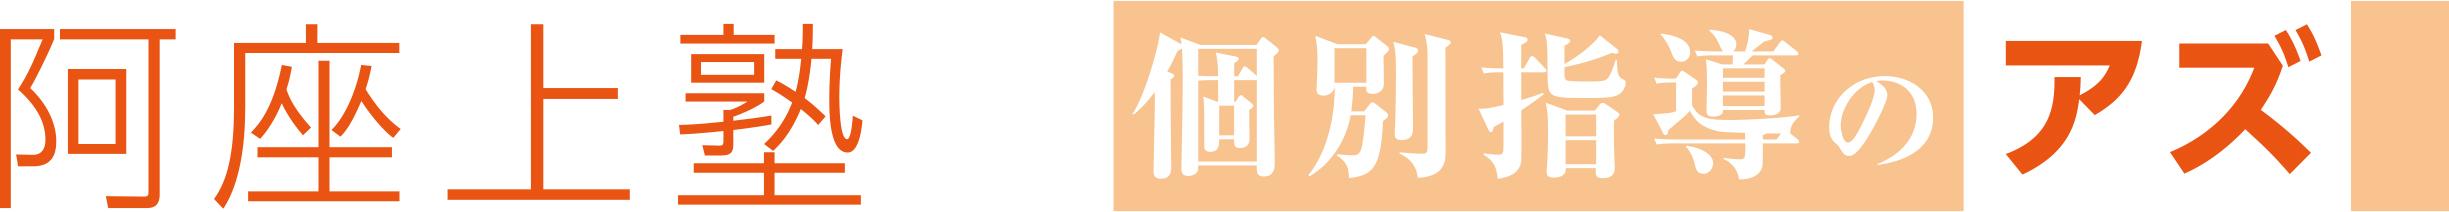 阿座上塾 個別指導のアズ